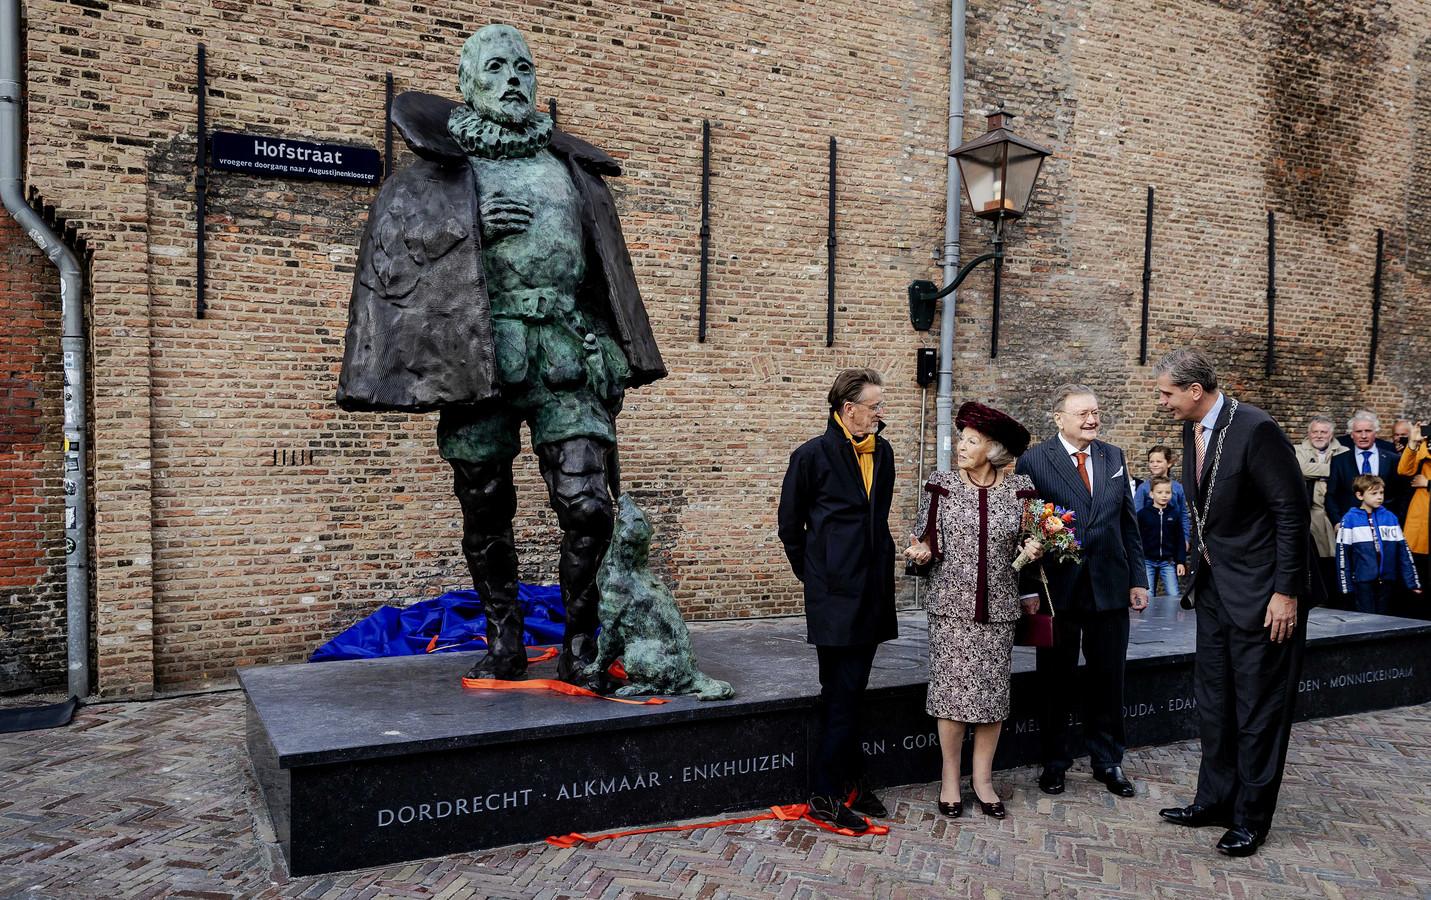 Prinses Beatrix onthulde het standbeeld van Willem van Oranje.